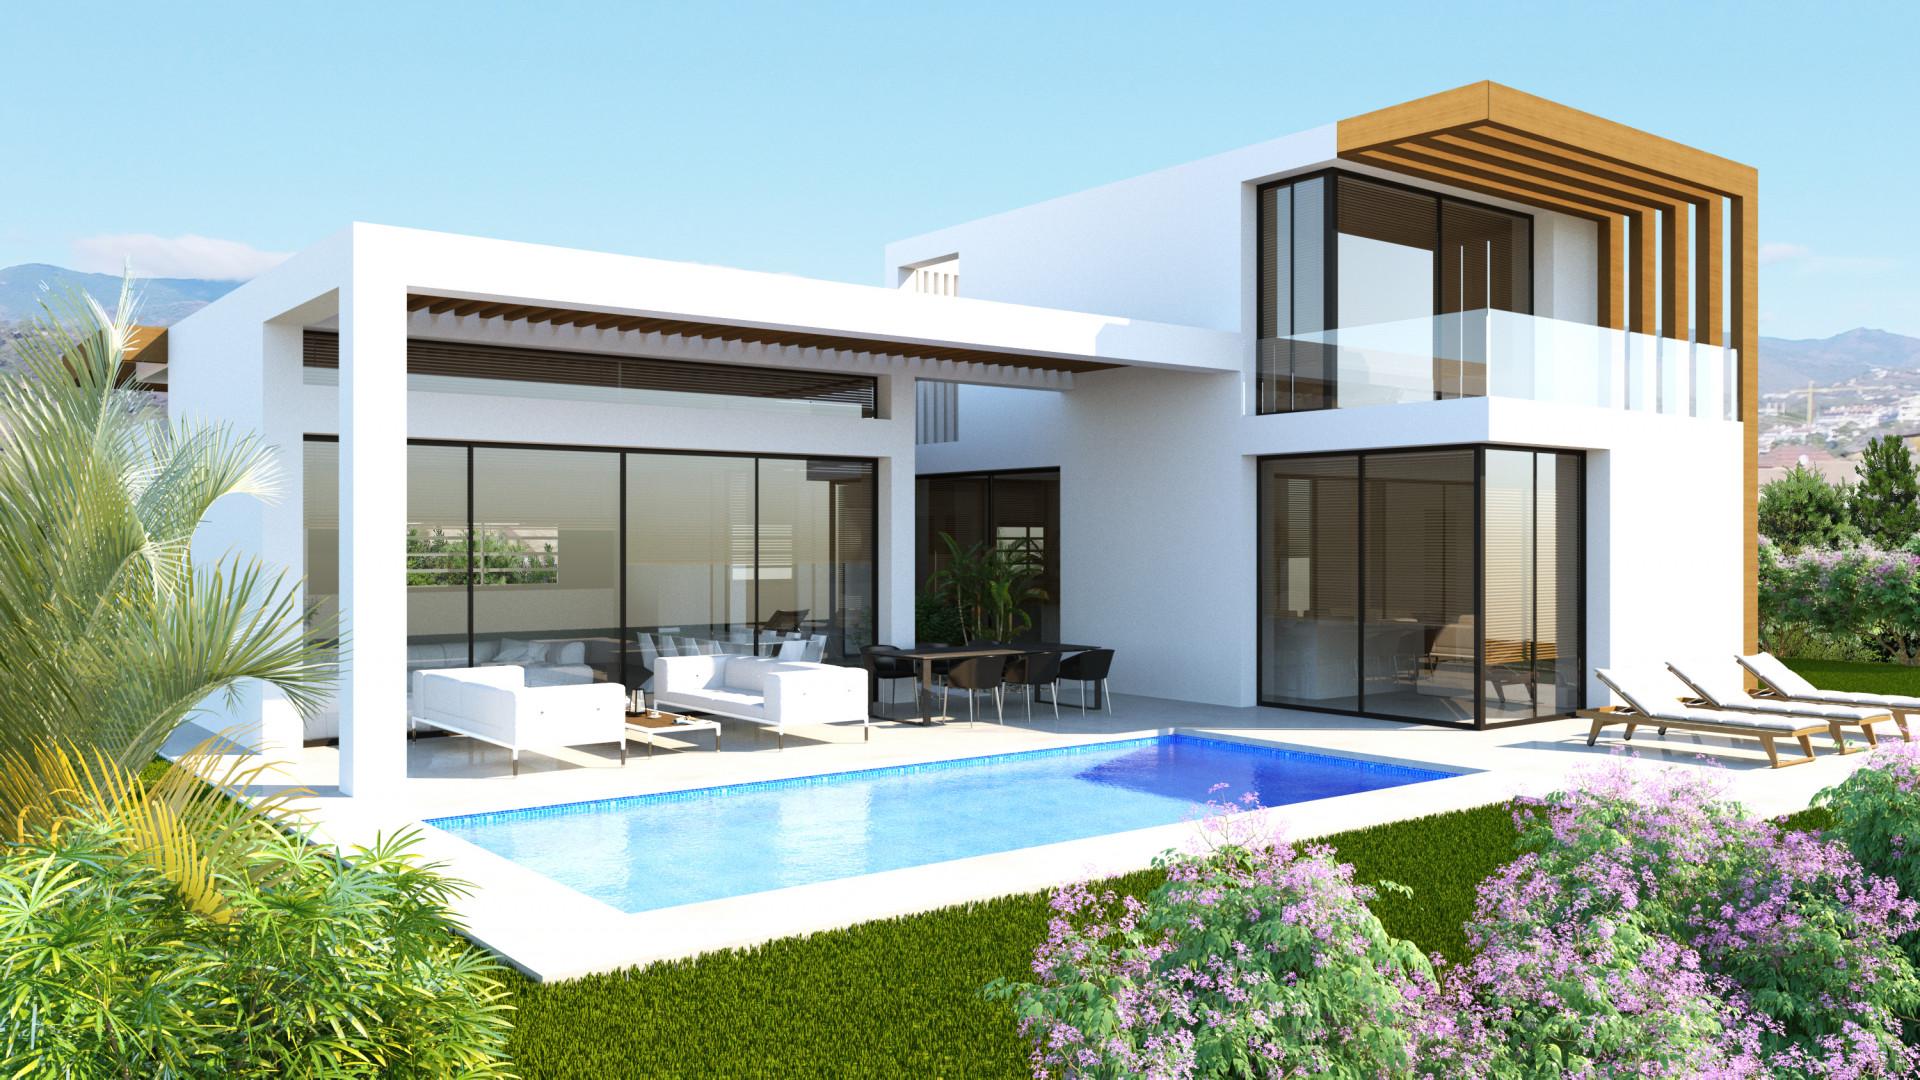 Proyecto de obra nueva de villas modernas contemporáneas en San Pedro Playa